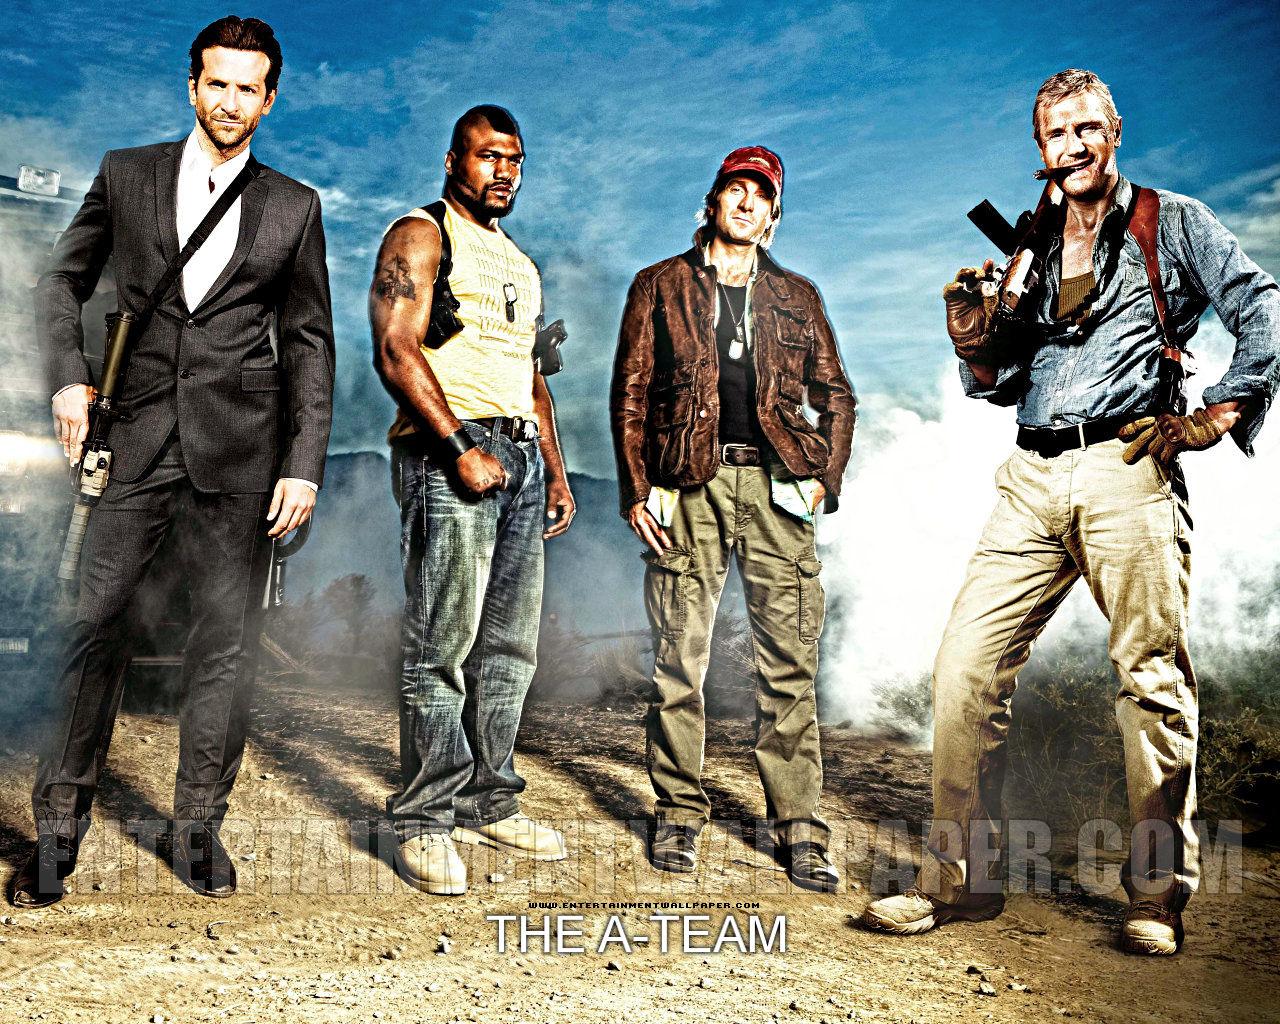 http://2.bp.blogspot.com/-ArPFQk7ytIs/TwLseTXkirI/AAAAAAAABAw/M-kwYgMrboQ/s1600/the-a-team-wallpaper-3-773664.jpg